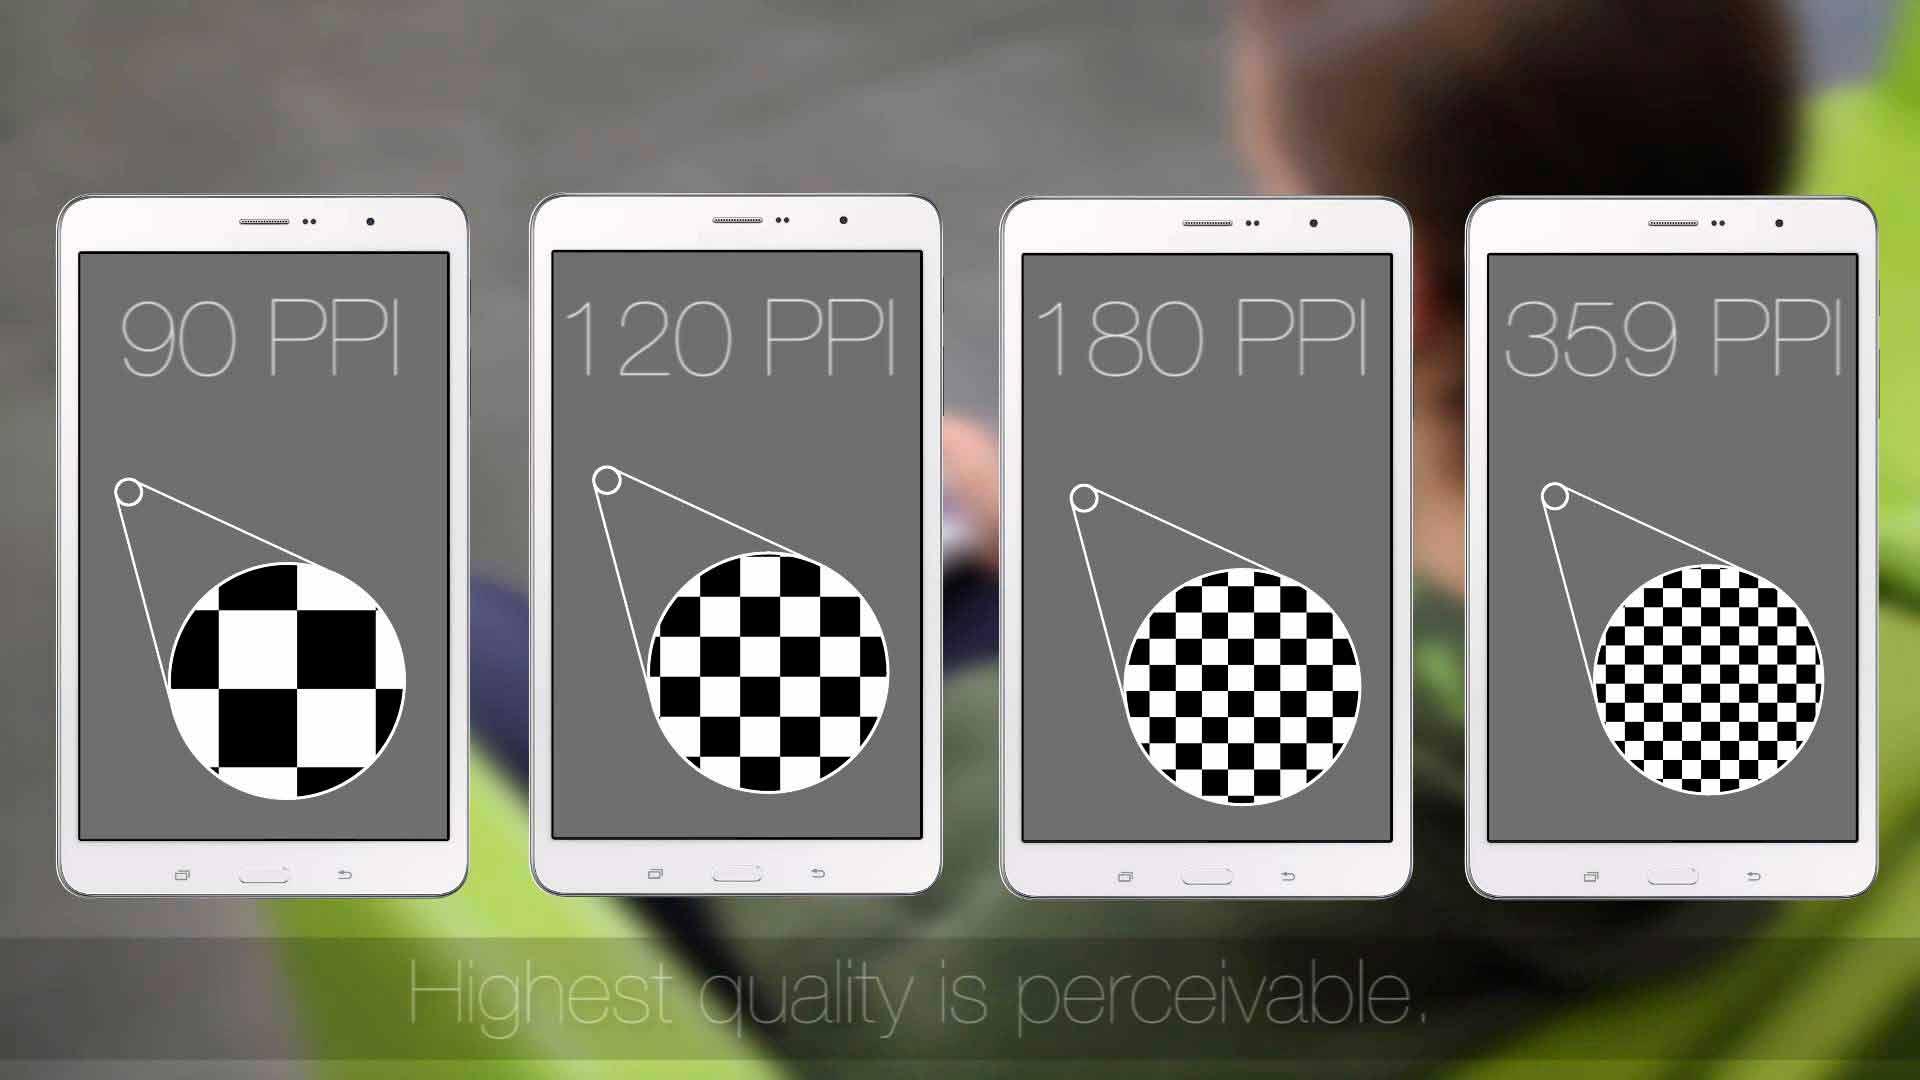 pixeles-por-pulgada04